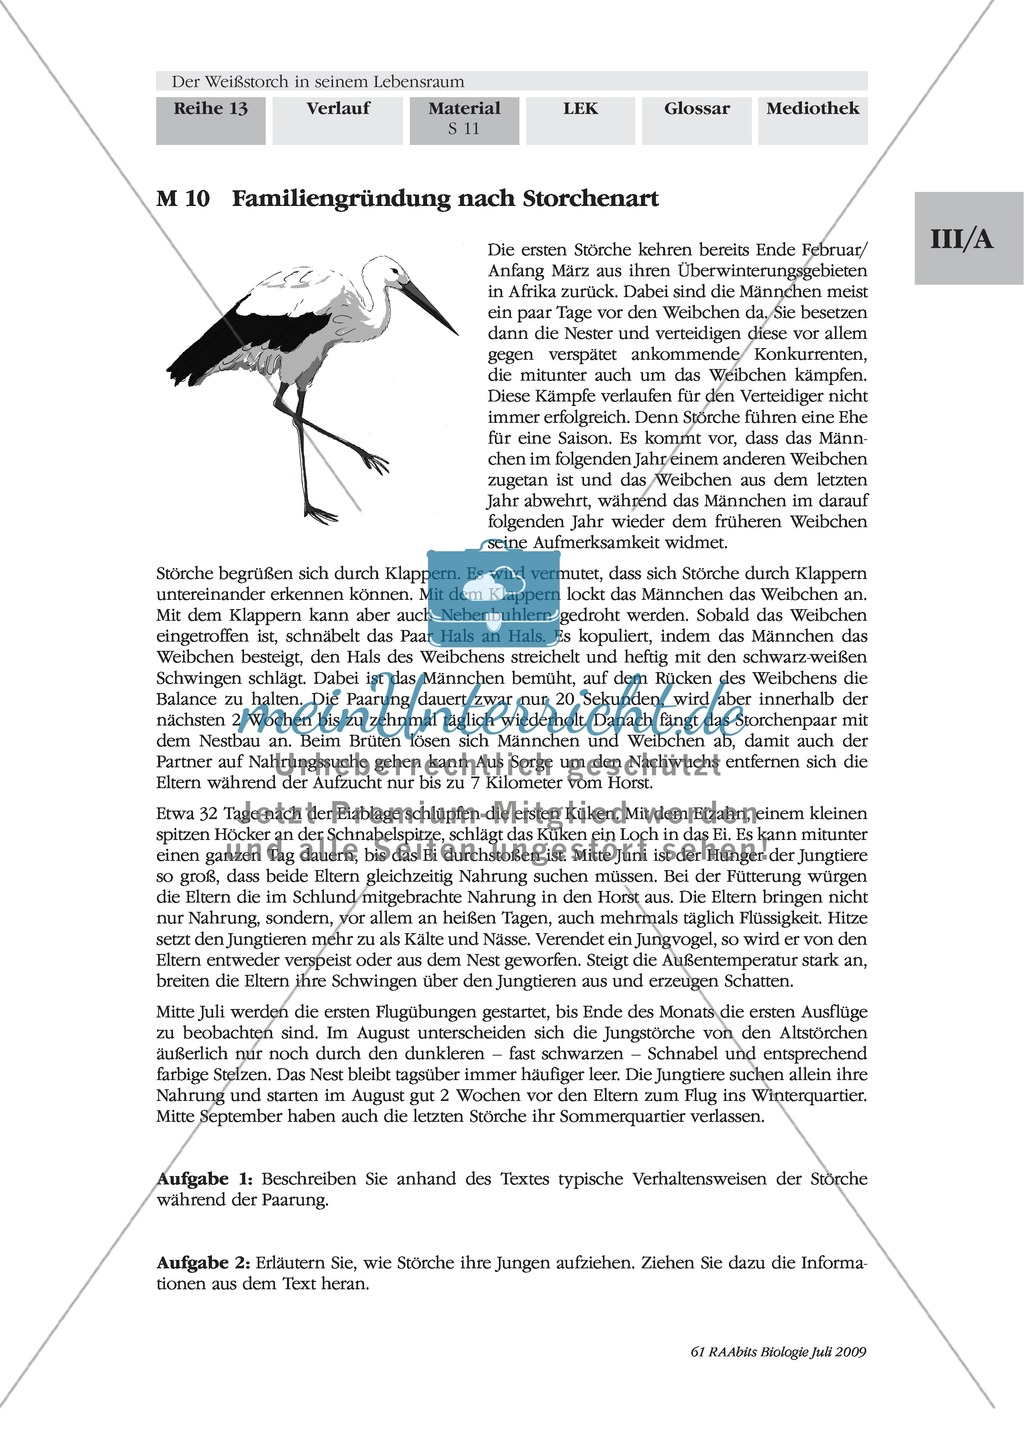 Das Leben der Storche am Beispiel ihrer Nahrung, Nahrungssuche und Fortpflanzung Preview 6